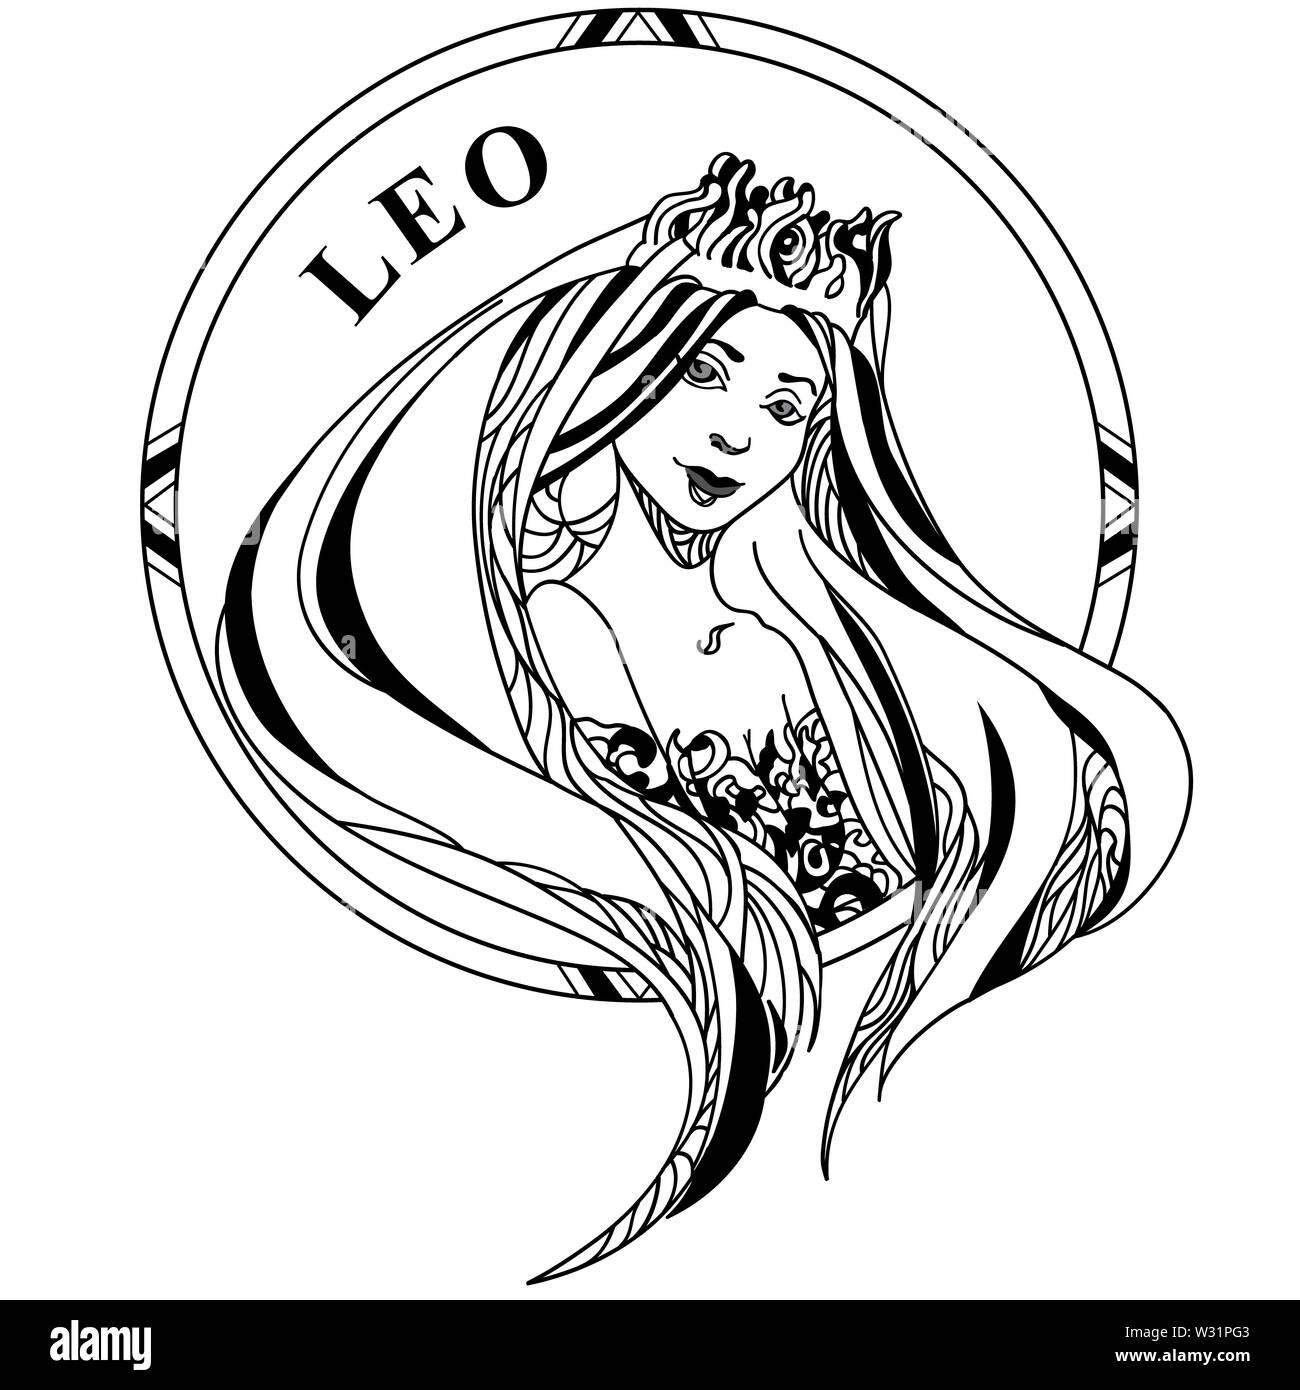 Coloriage Fille Cheveux Longs.Illustration Vecteur De Signe Zodiacal Lion Belle Jeune